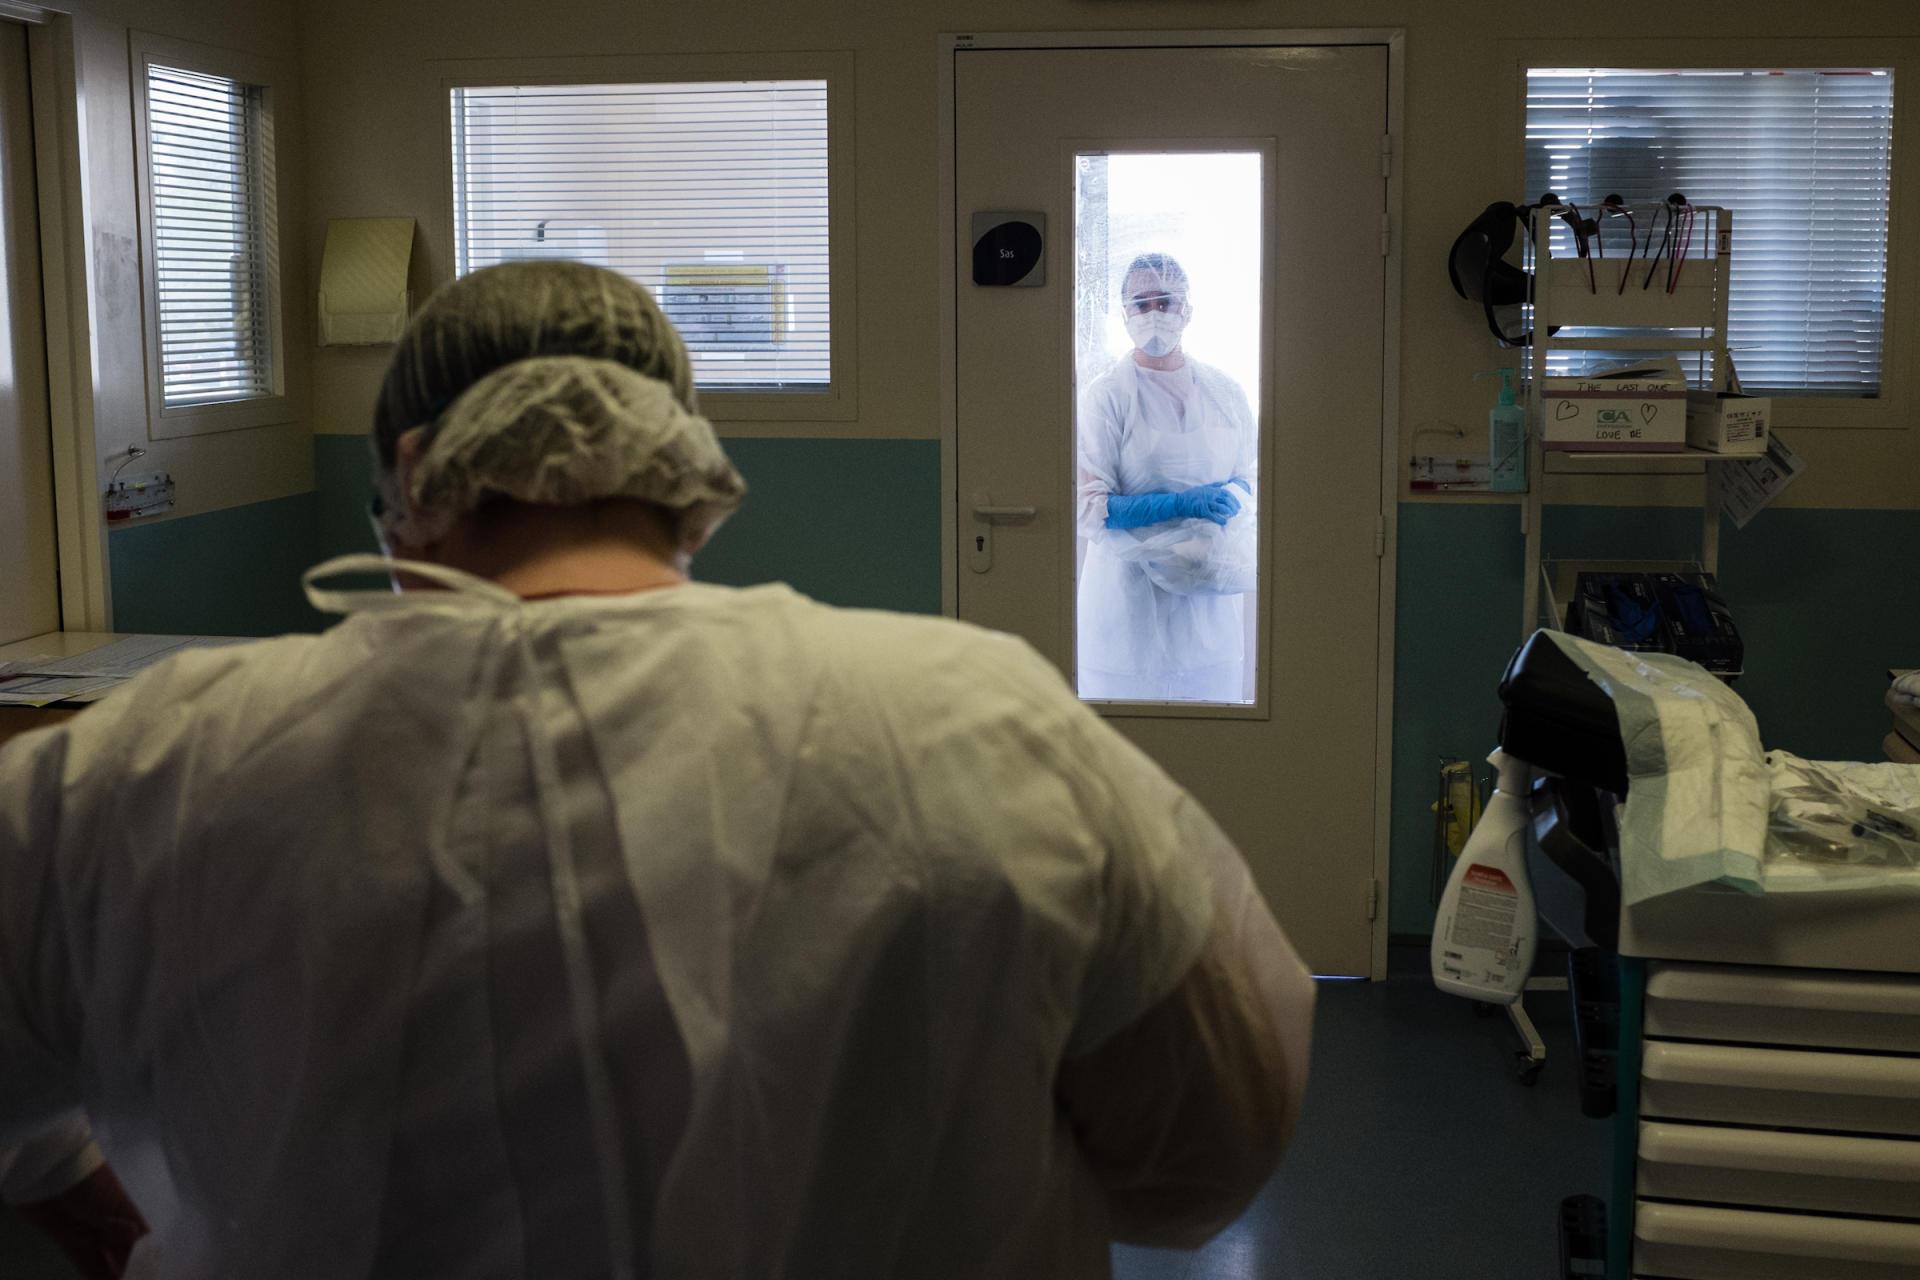 17 heures. Une infirmière attend dans le sas de transfert pressurisé sa collègue aide-soignante, pour soigner un patient atteint du Covid-19.